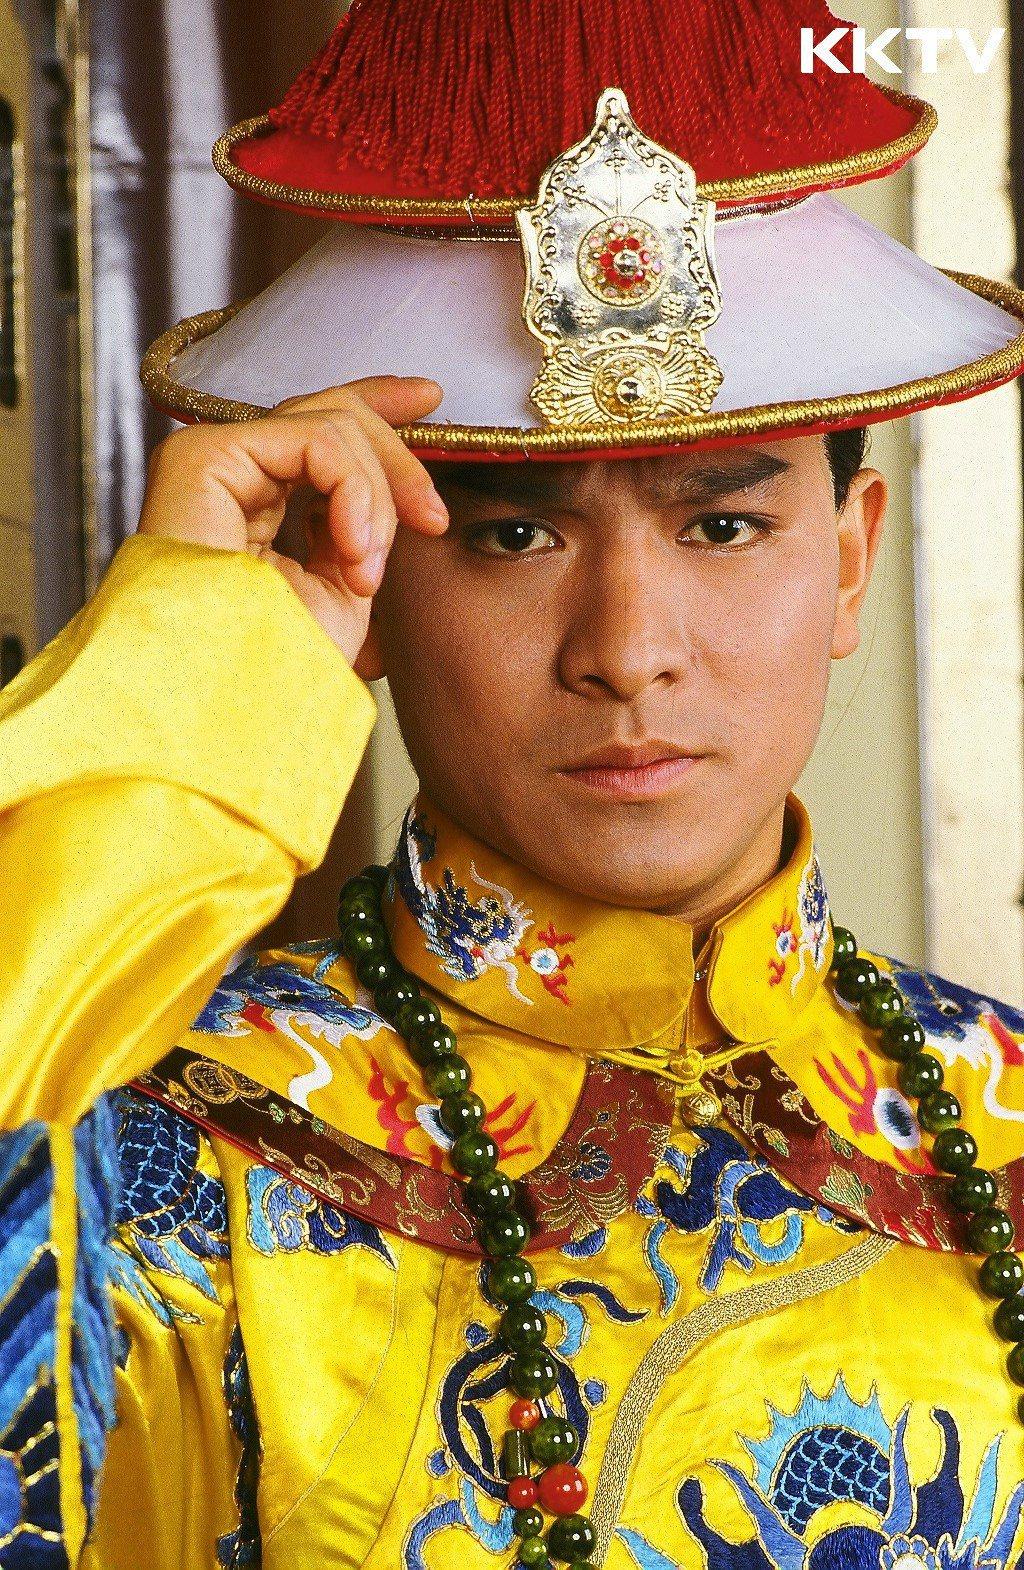 劉德華在「鹿鼎記」飾演康熙。圖/KKTV提供